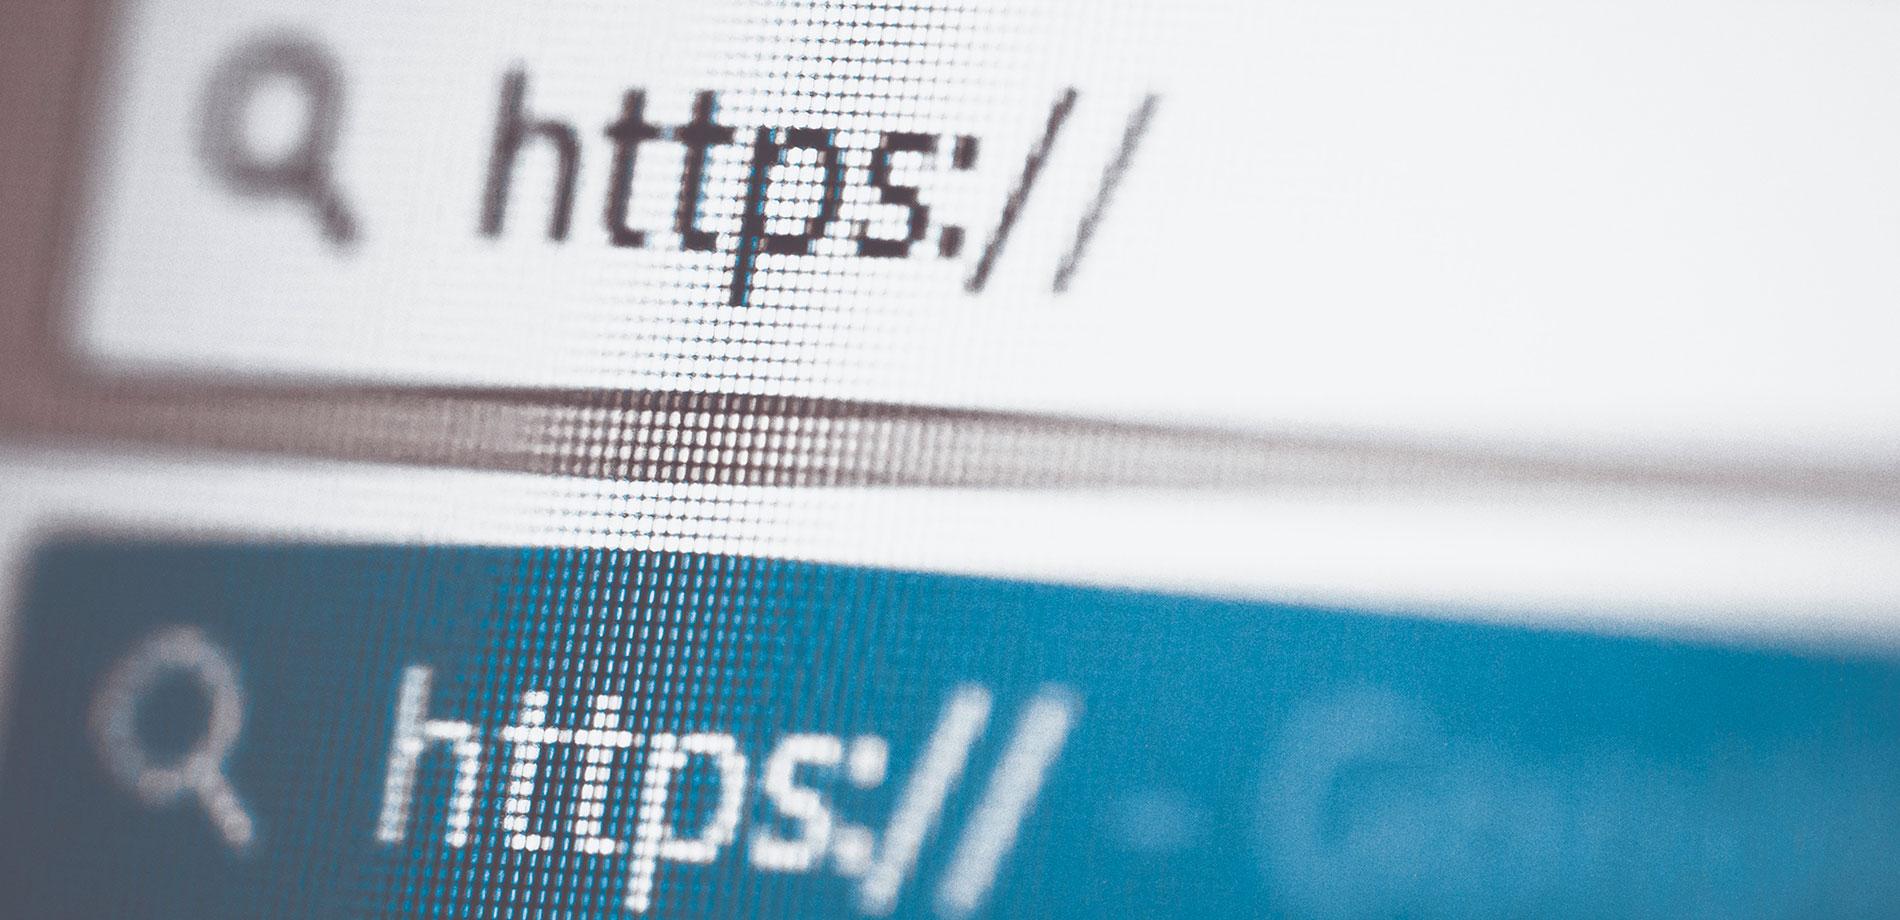 Protocolo HTTP, HTTP2